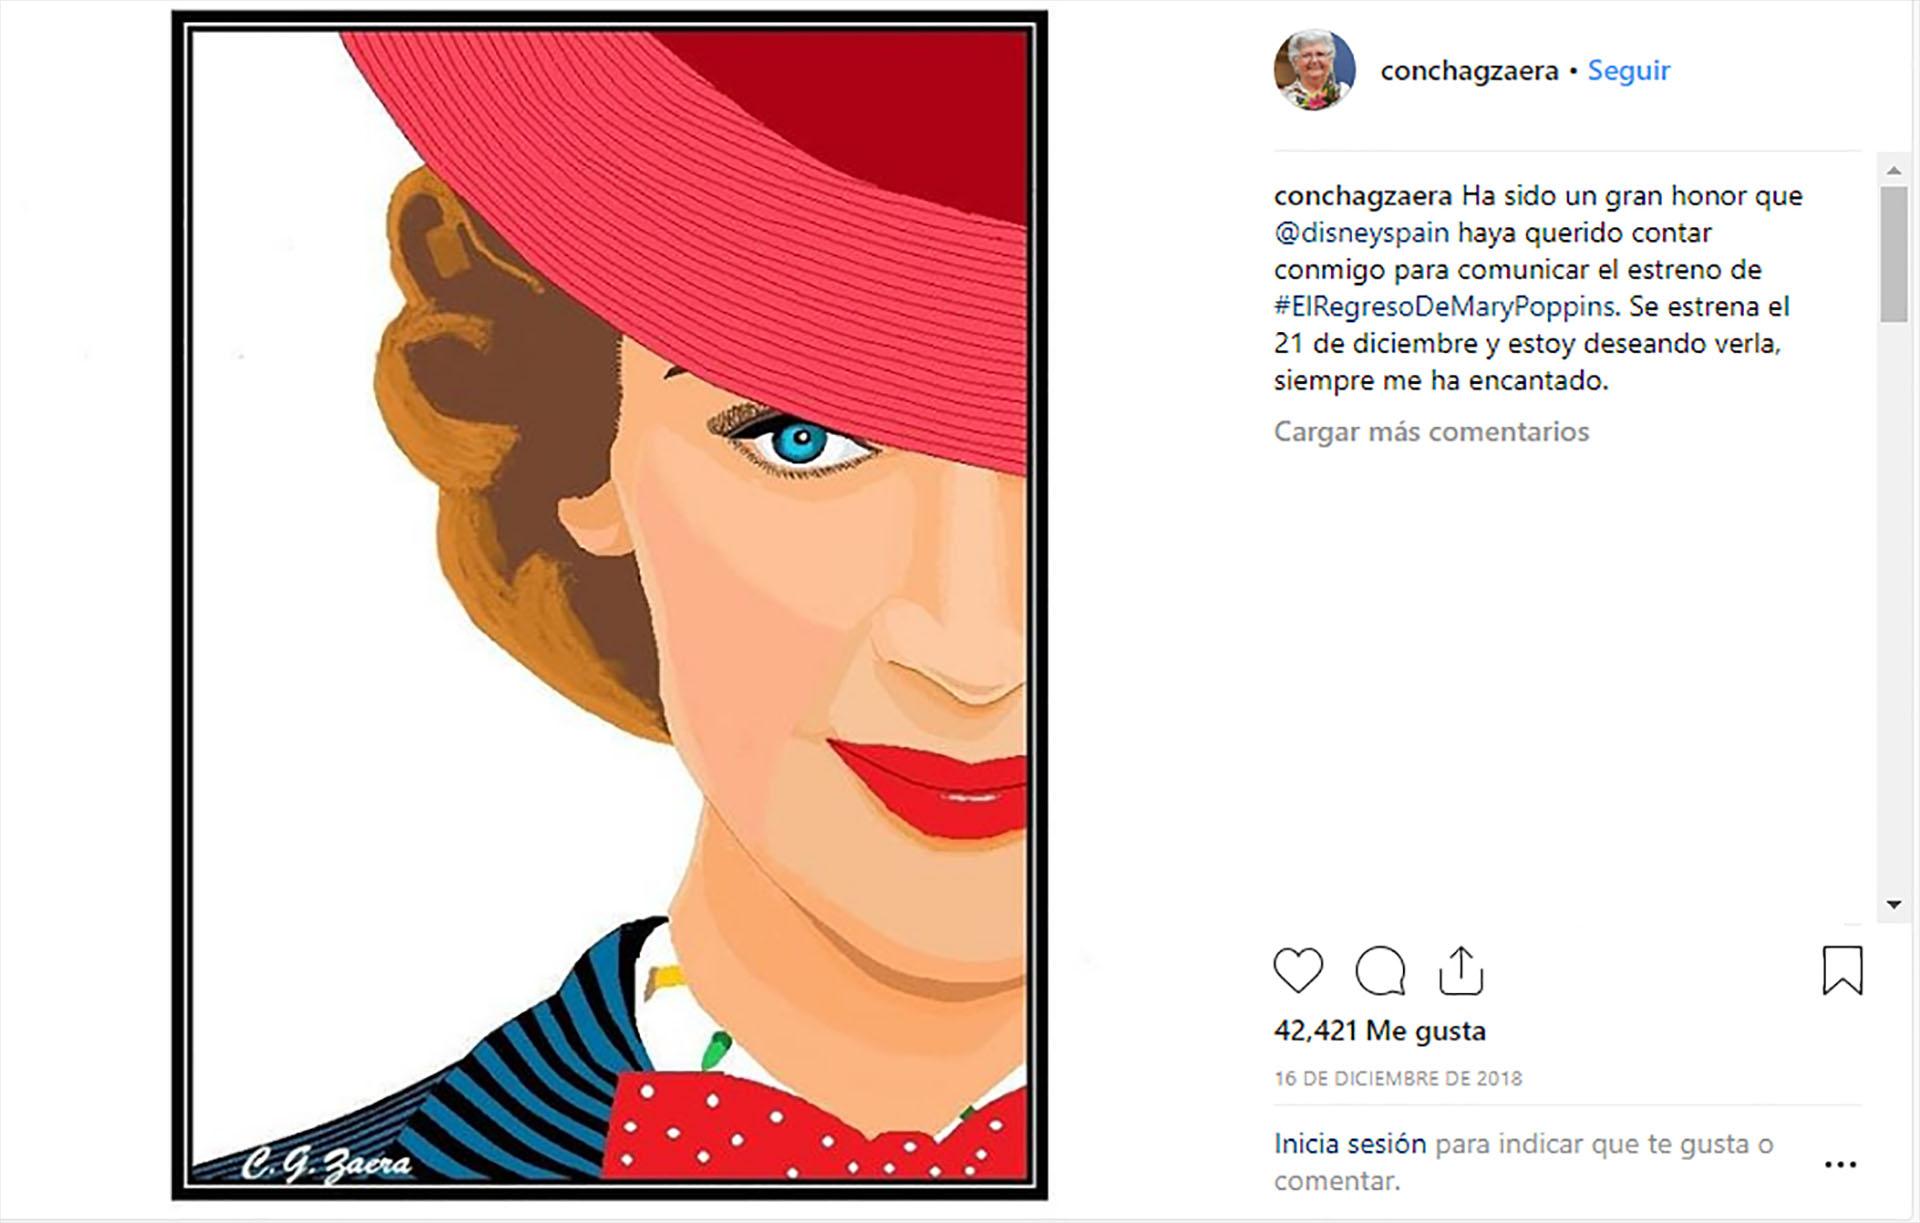 """La instagramer fue convocada por Disney España para la campaña de la película """"El regreso de Mary Poppins"""" (@conchagzaera)"""